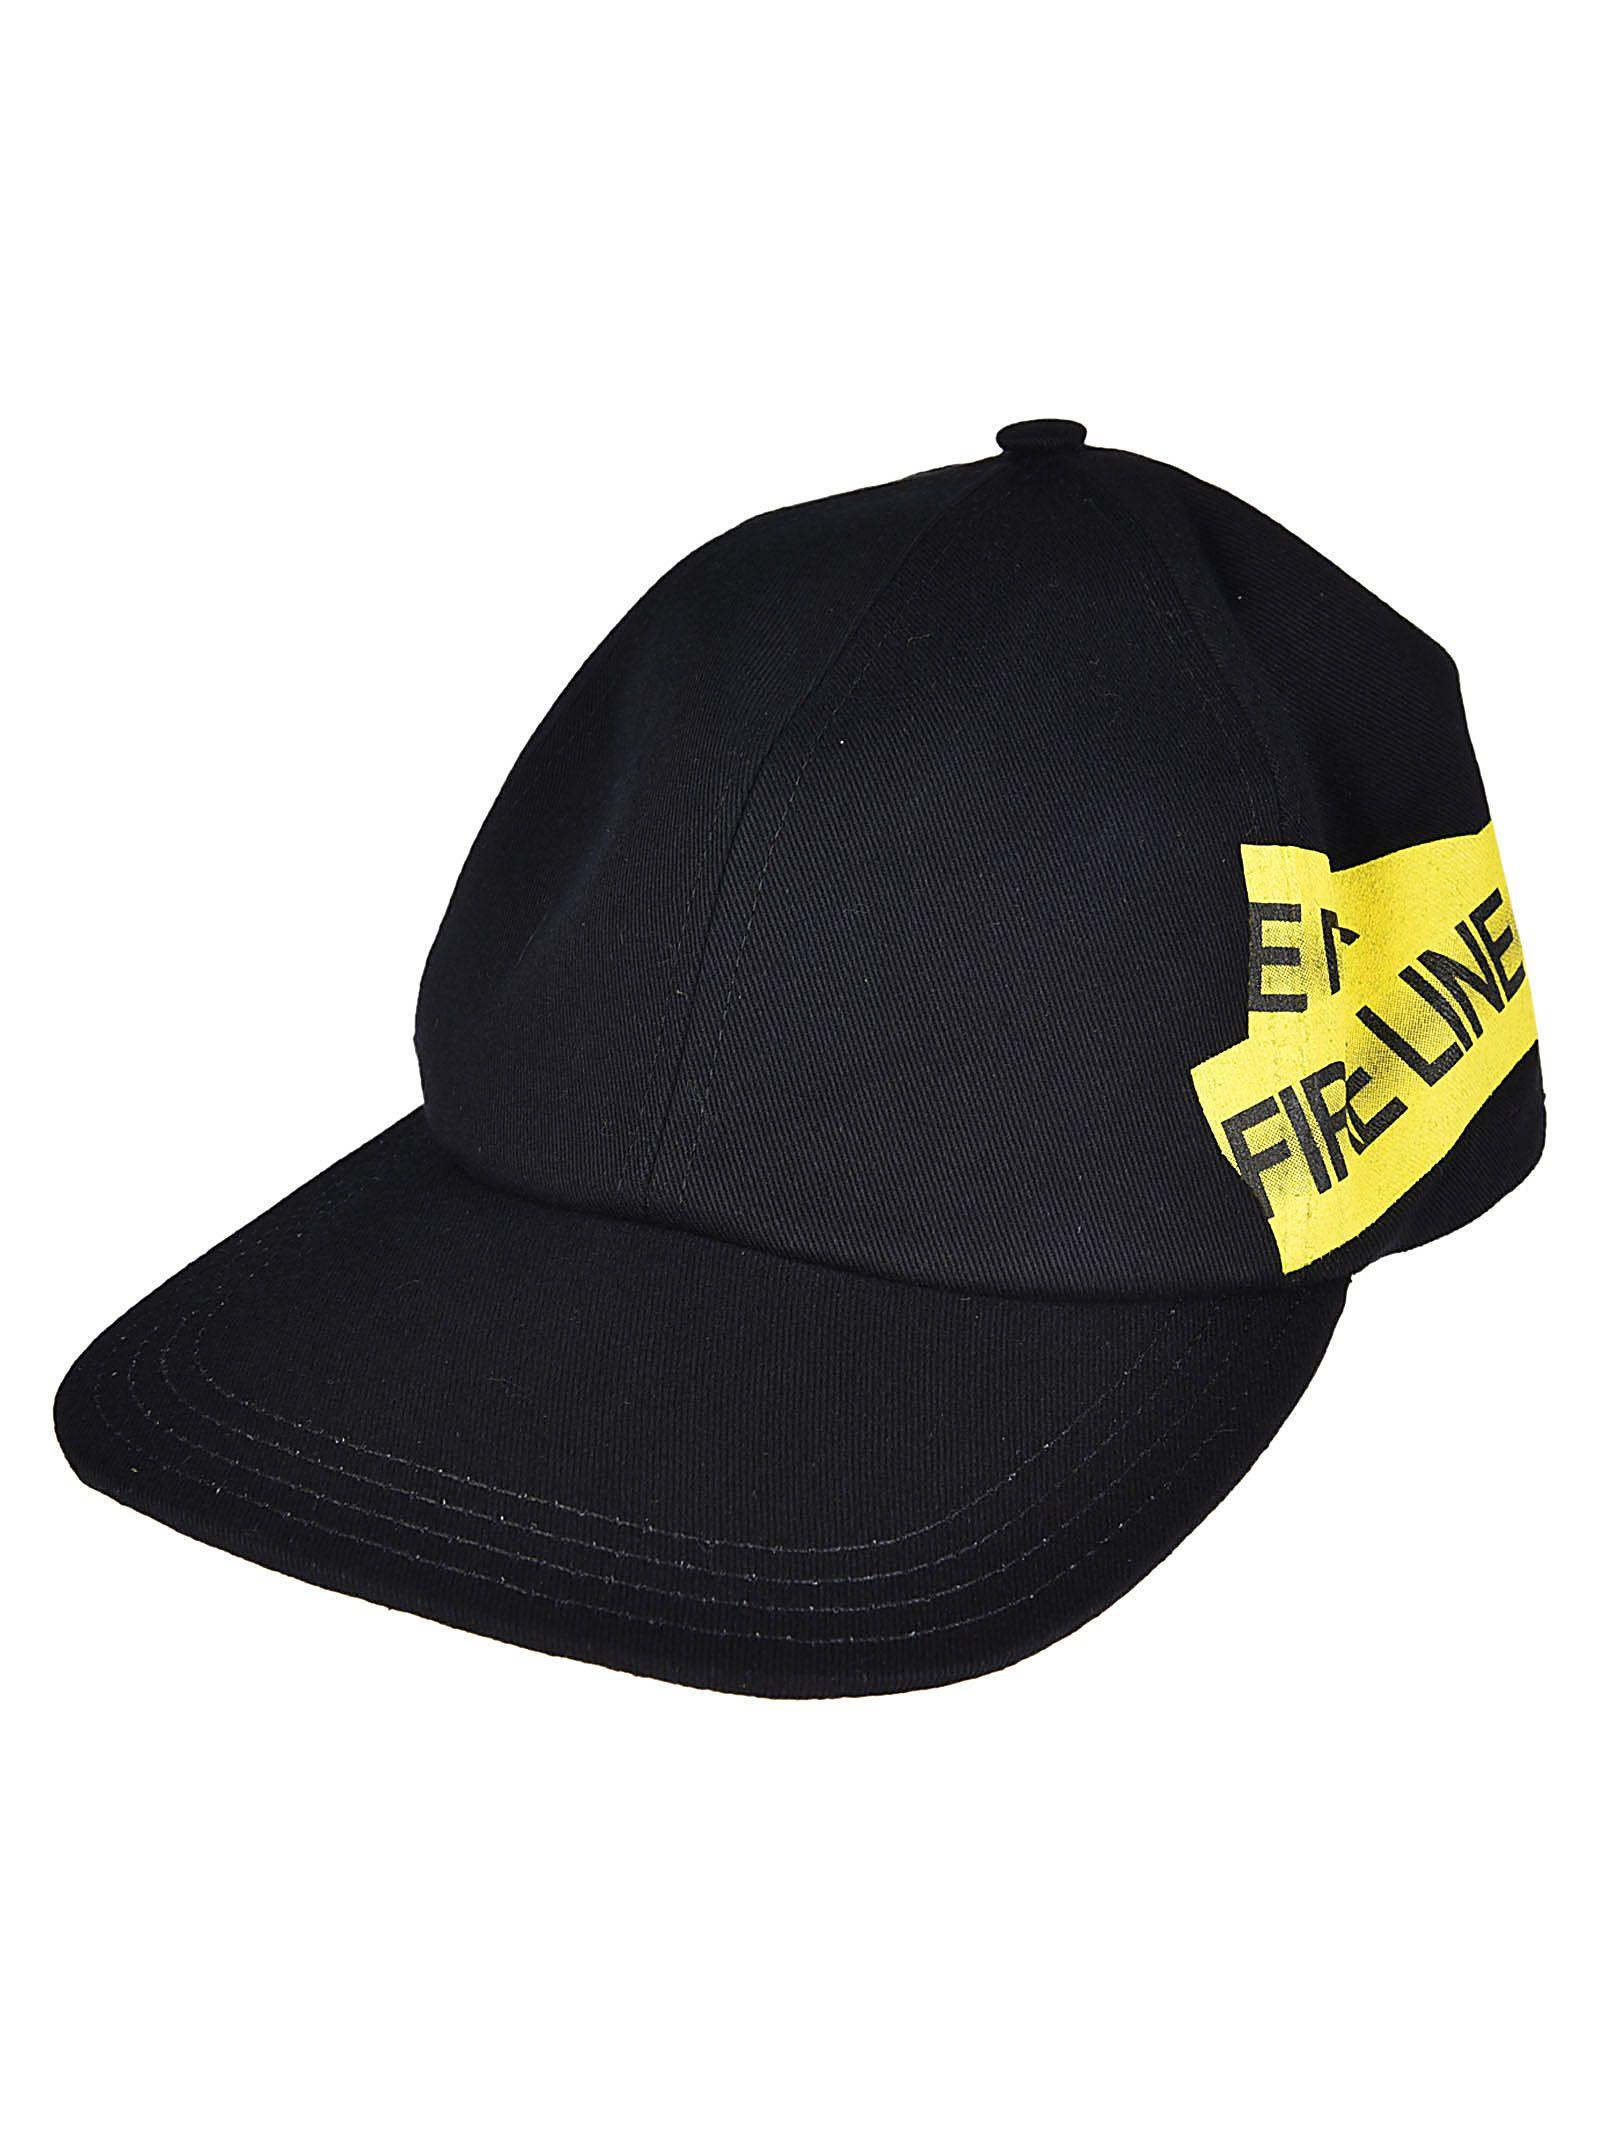 Black and Yellow Firetape Cap Off-white 0yfobzCa